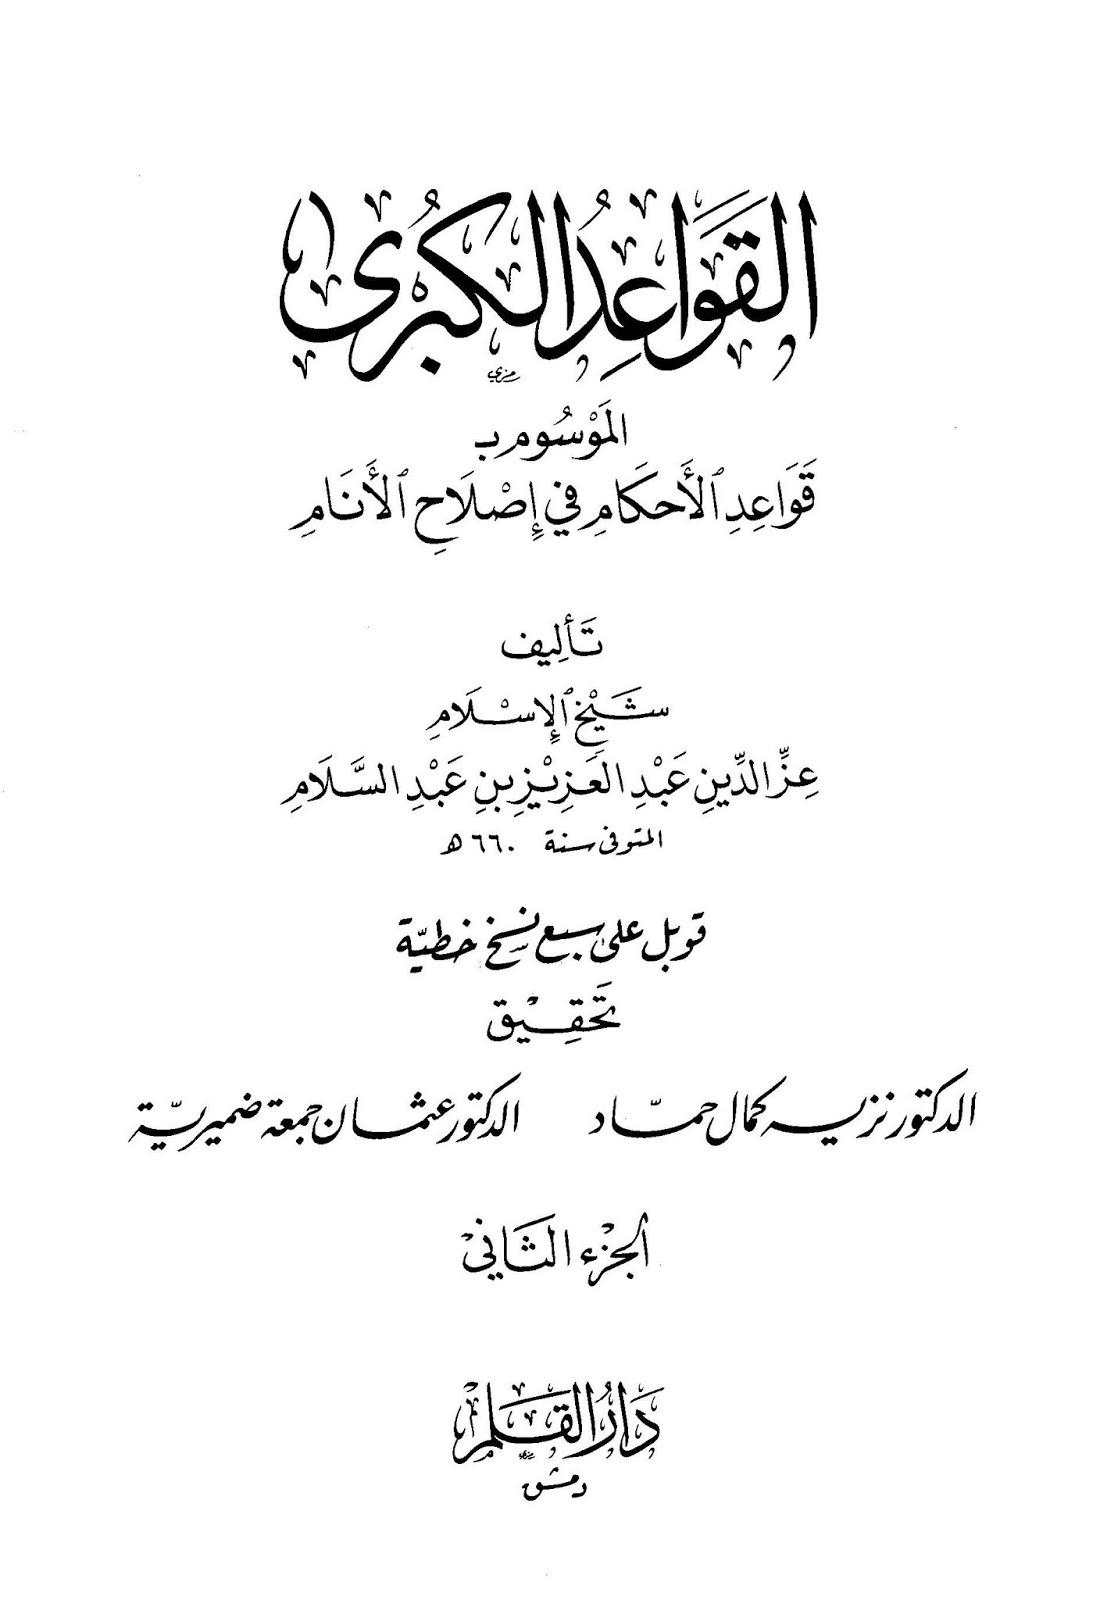 كتاب القواعد الكبري - عز بن عبد السلام pdf